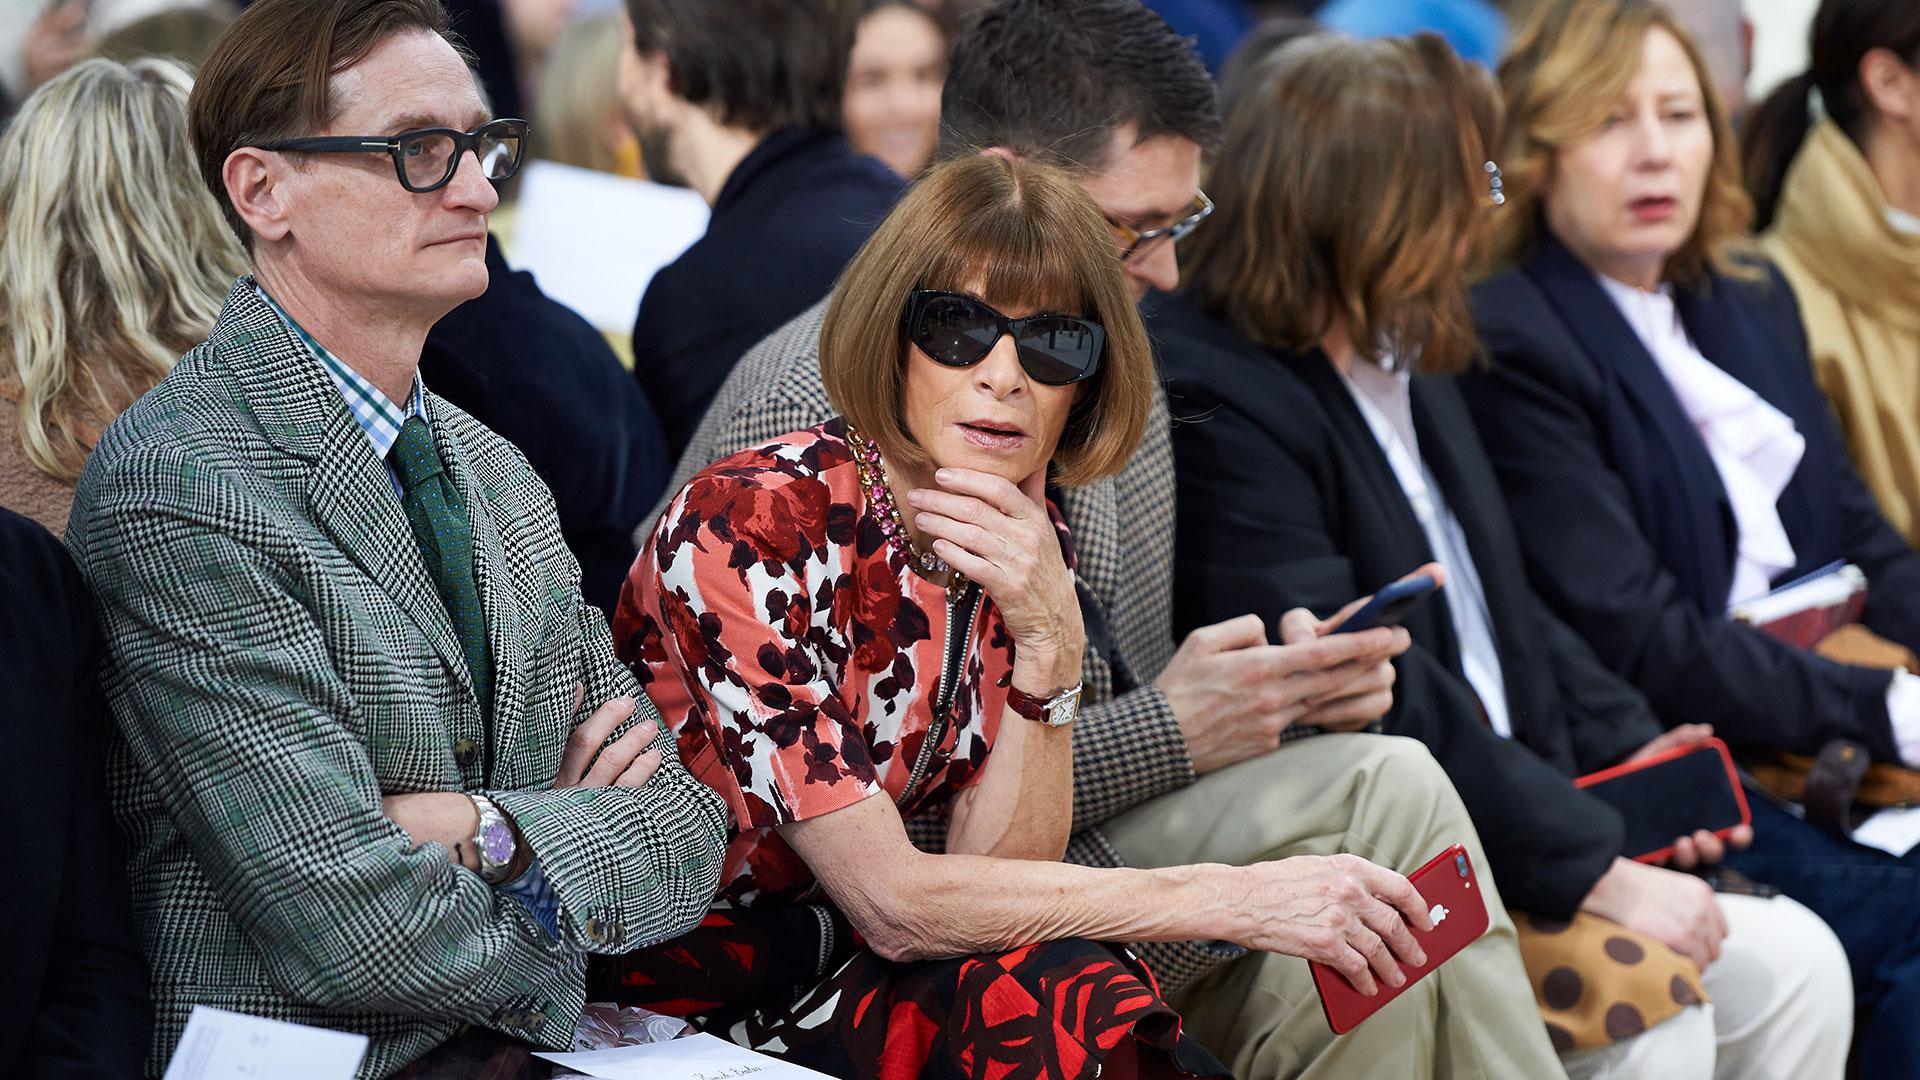 Anna Wintourposee un lugar de privilegio reservado en primera fila en cada edición de la Semana de la Moda (AFP)